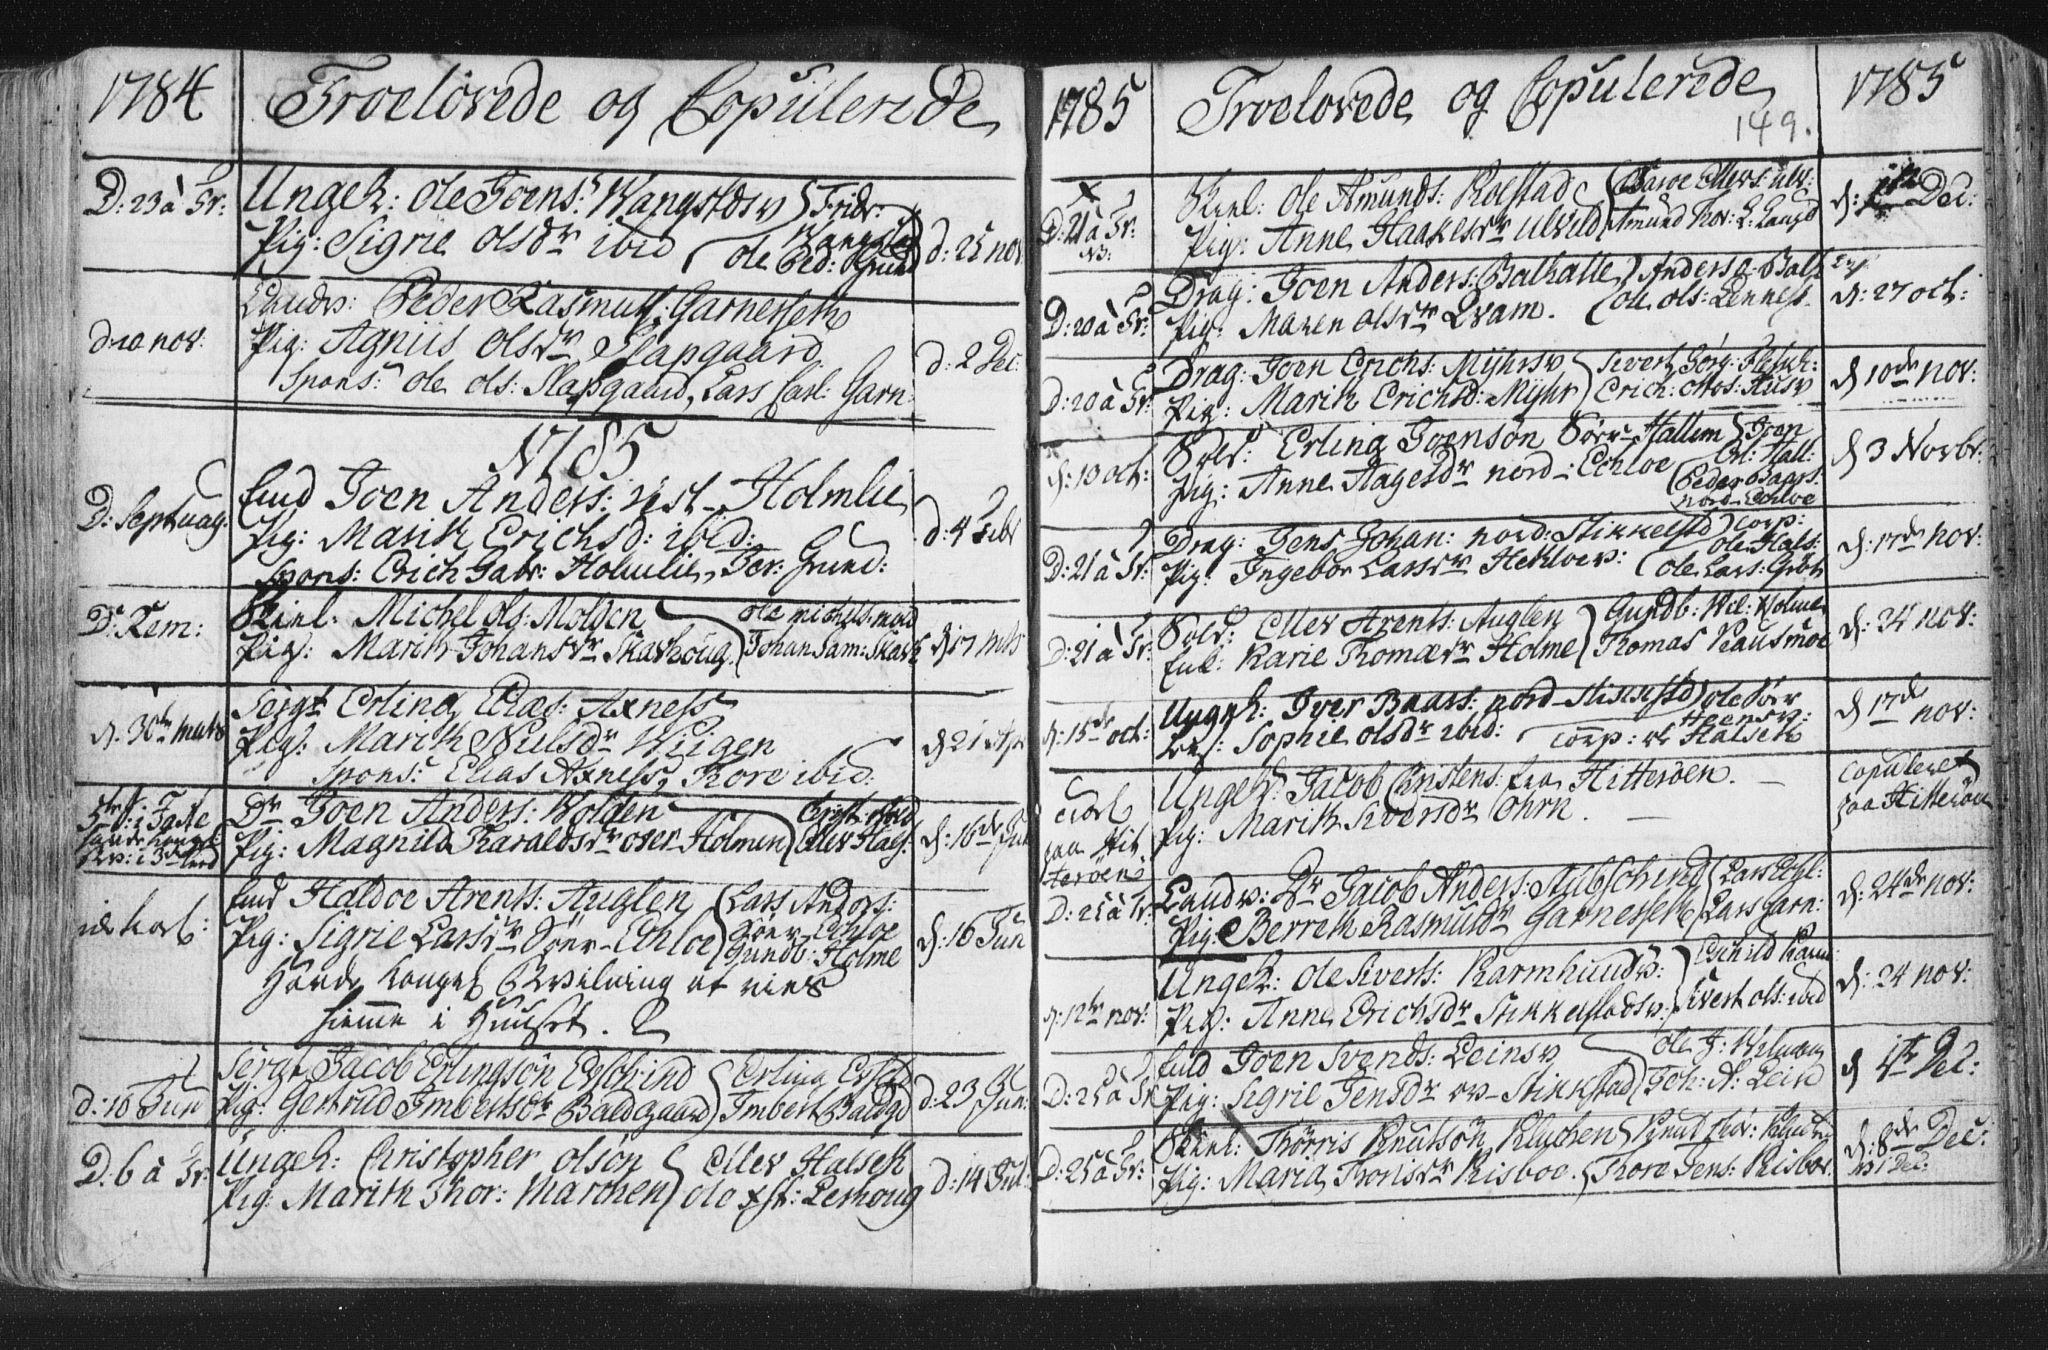 SAT, Ministerialprotokoller, klokkerbøker og fødselsregistre - Nord-Trøndelag, 723/L0232: Ministerialbok nr. 723A03, 1781-1804, s. 149